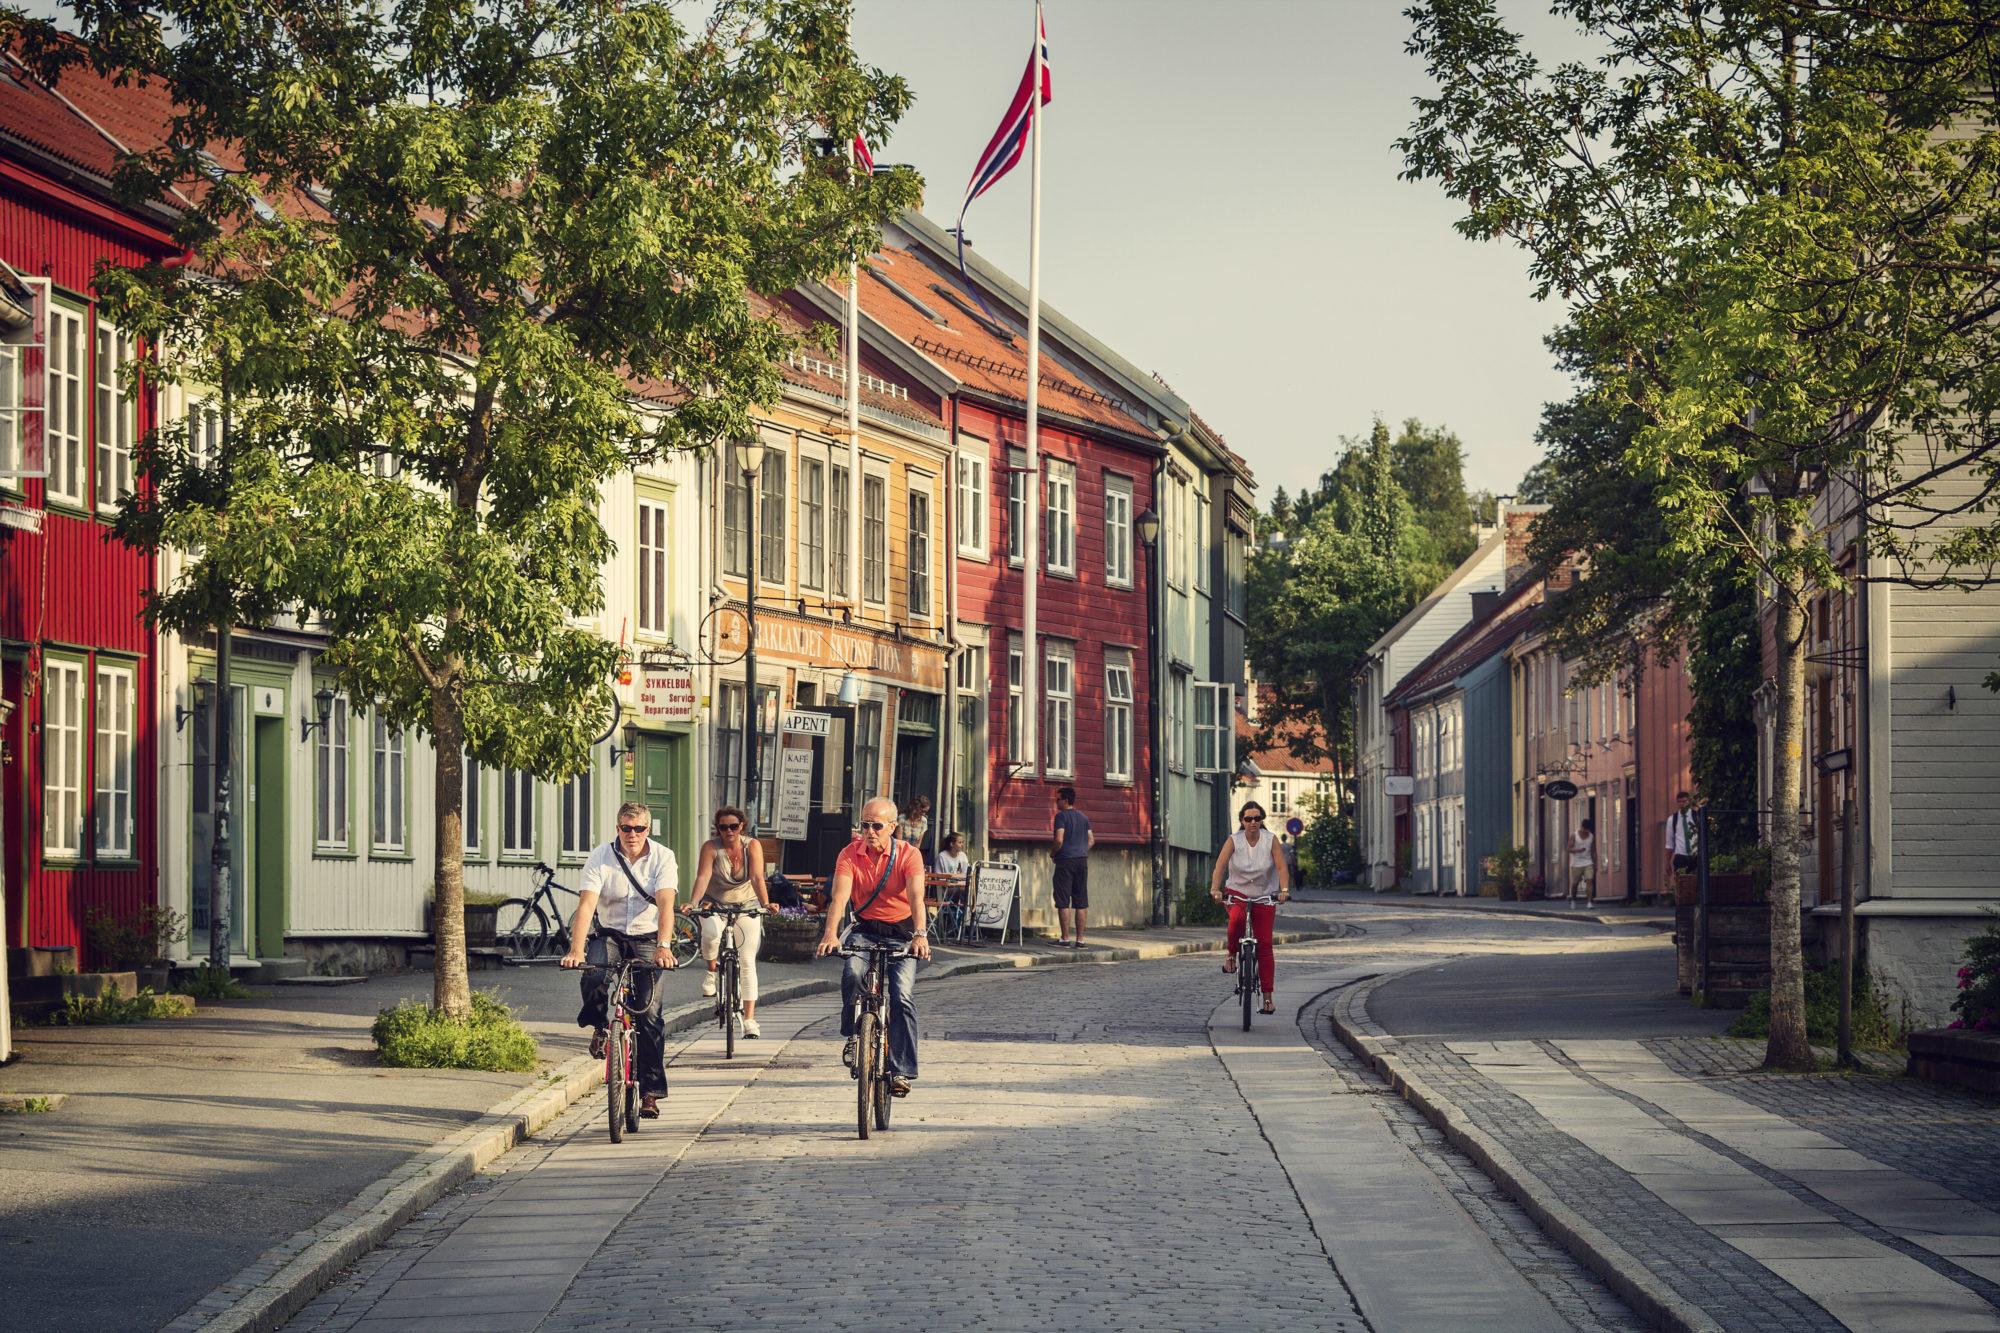 Bakklandet, i Trondheims gamleby. Foto: Søderholm-Steen / trondelag.com